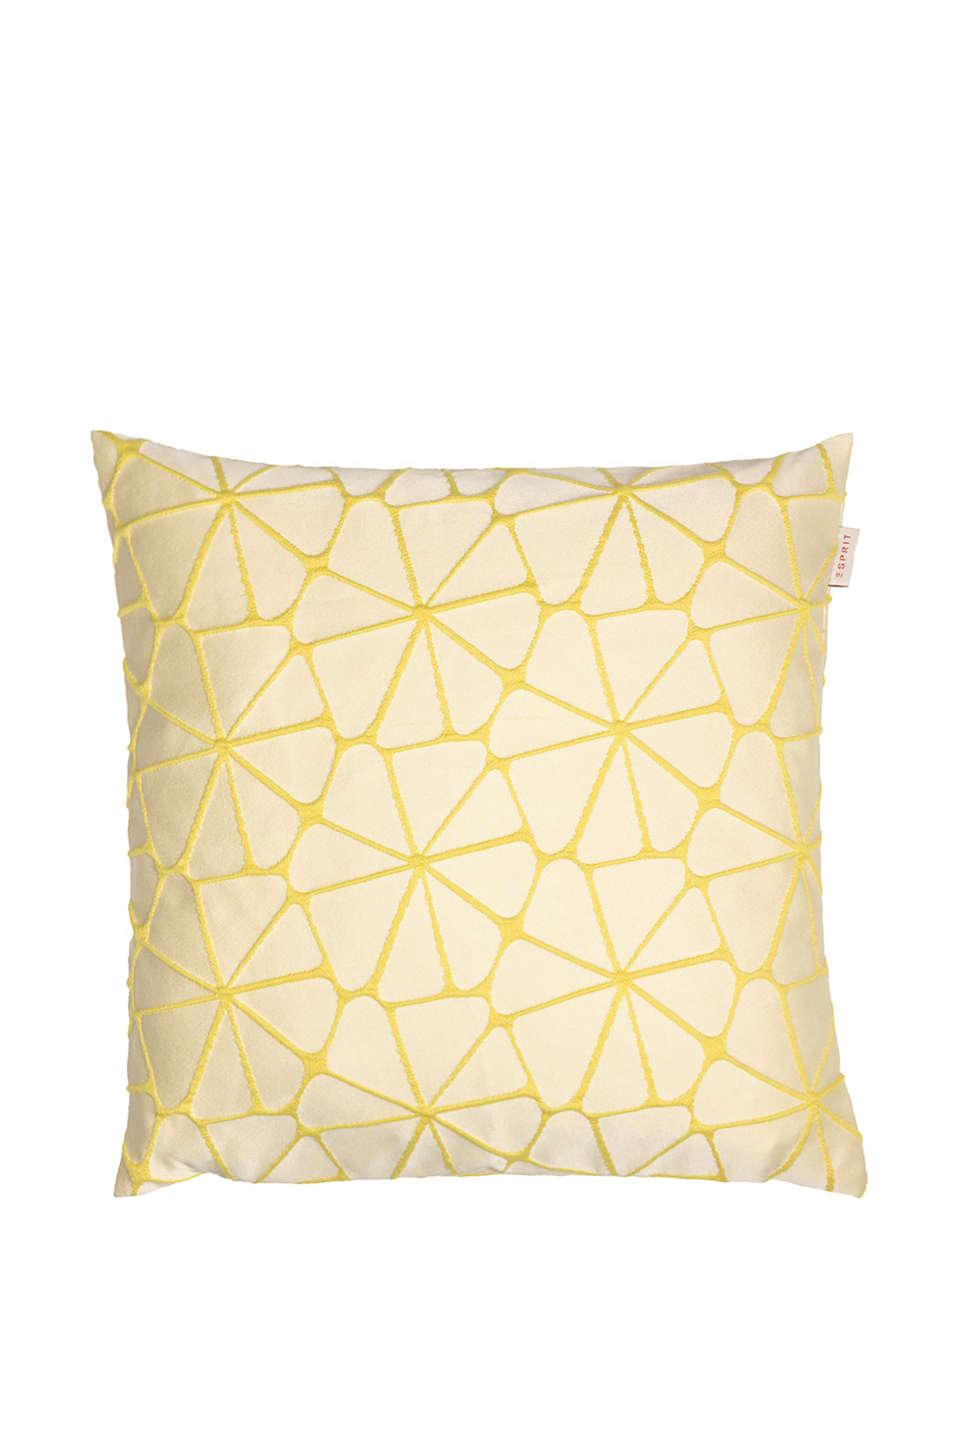 esprit housse de coussin motif graphique tiss acheter sur la boutique en ligne. Black Bedroom Furniture Sets. Home Design Ideas